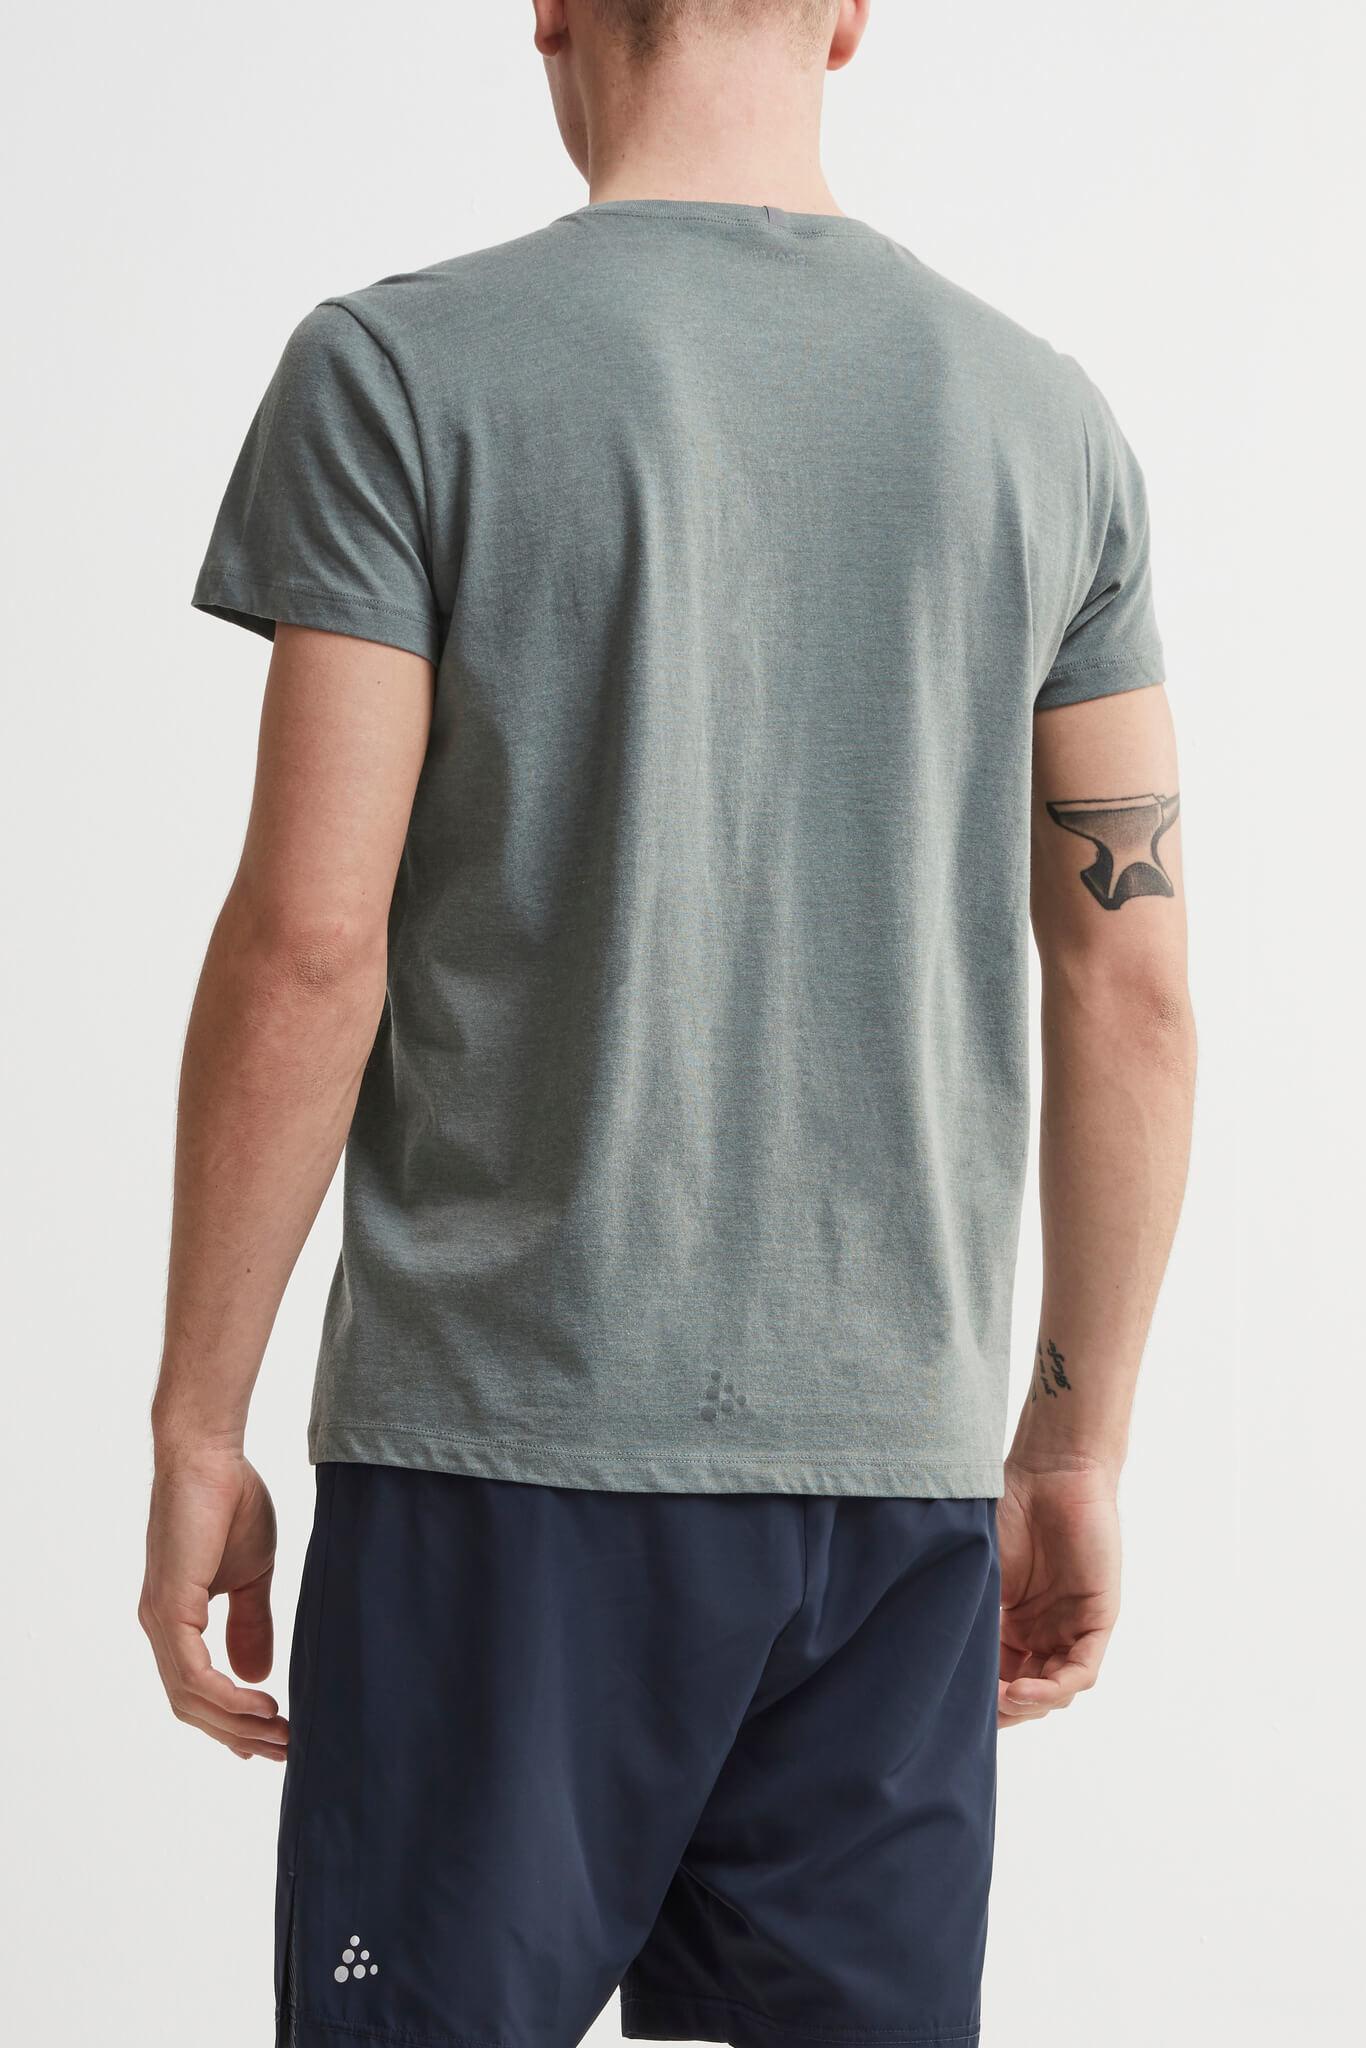 Craft Deft 2.0 футболка мужская - 3